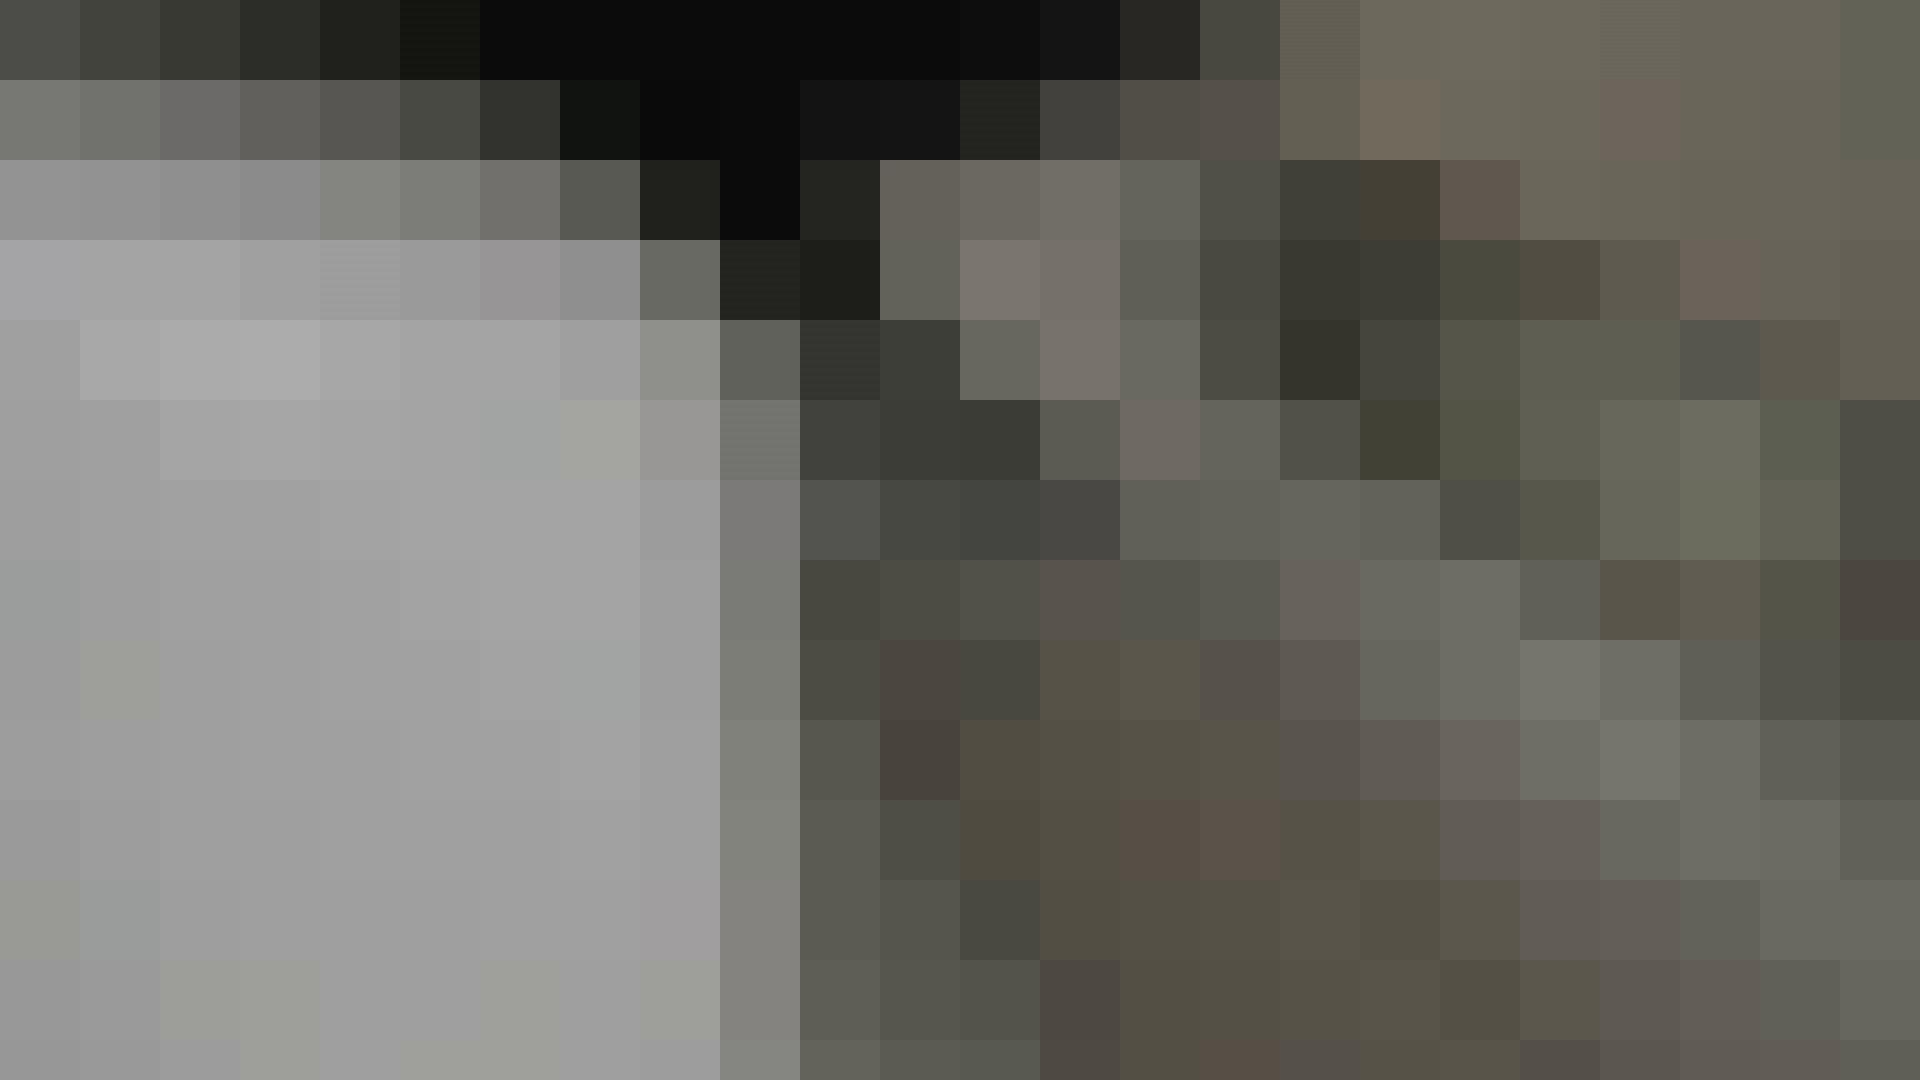 お市さんの「お尻丸出しジャンボリー」No.4 美人編 | 丸見え  104画像 41